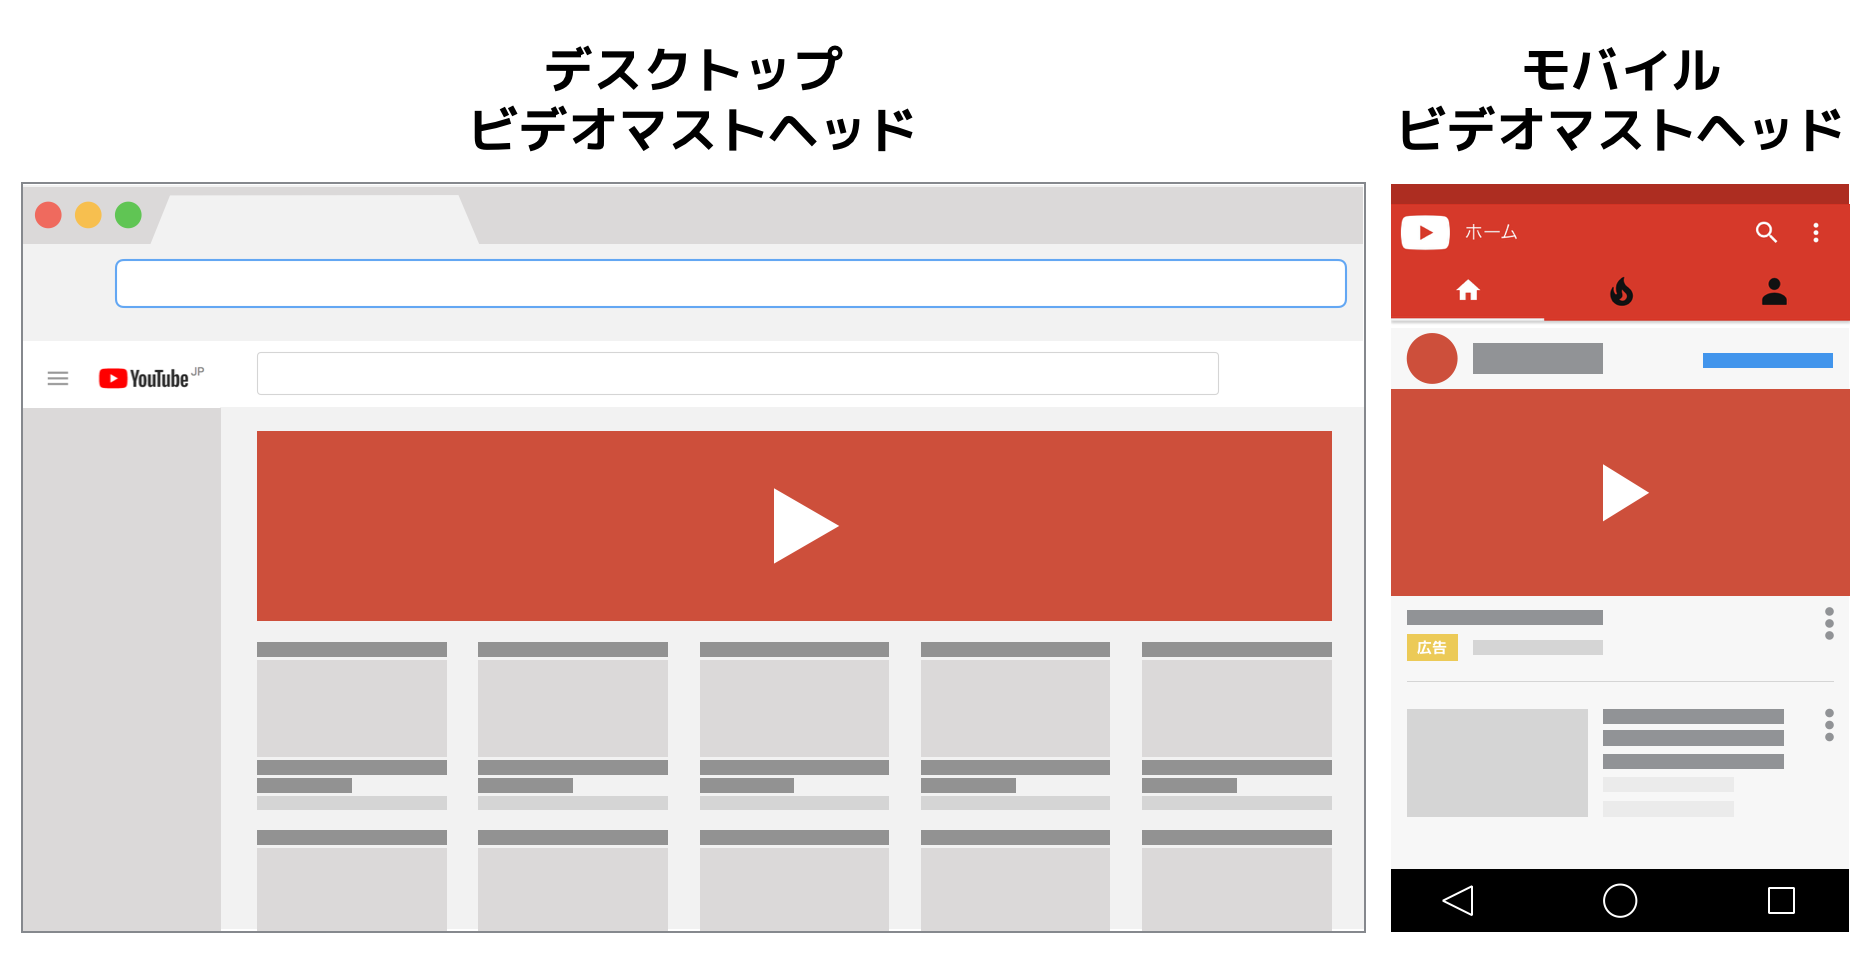 YouTubeのマストヘッド広告